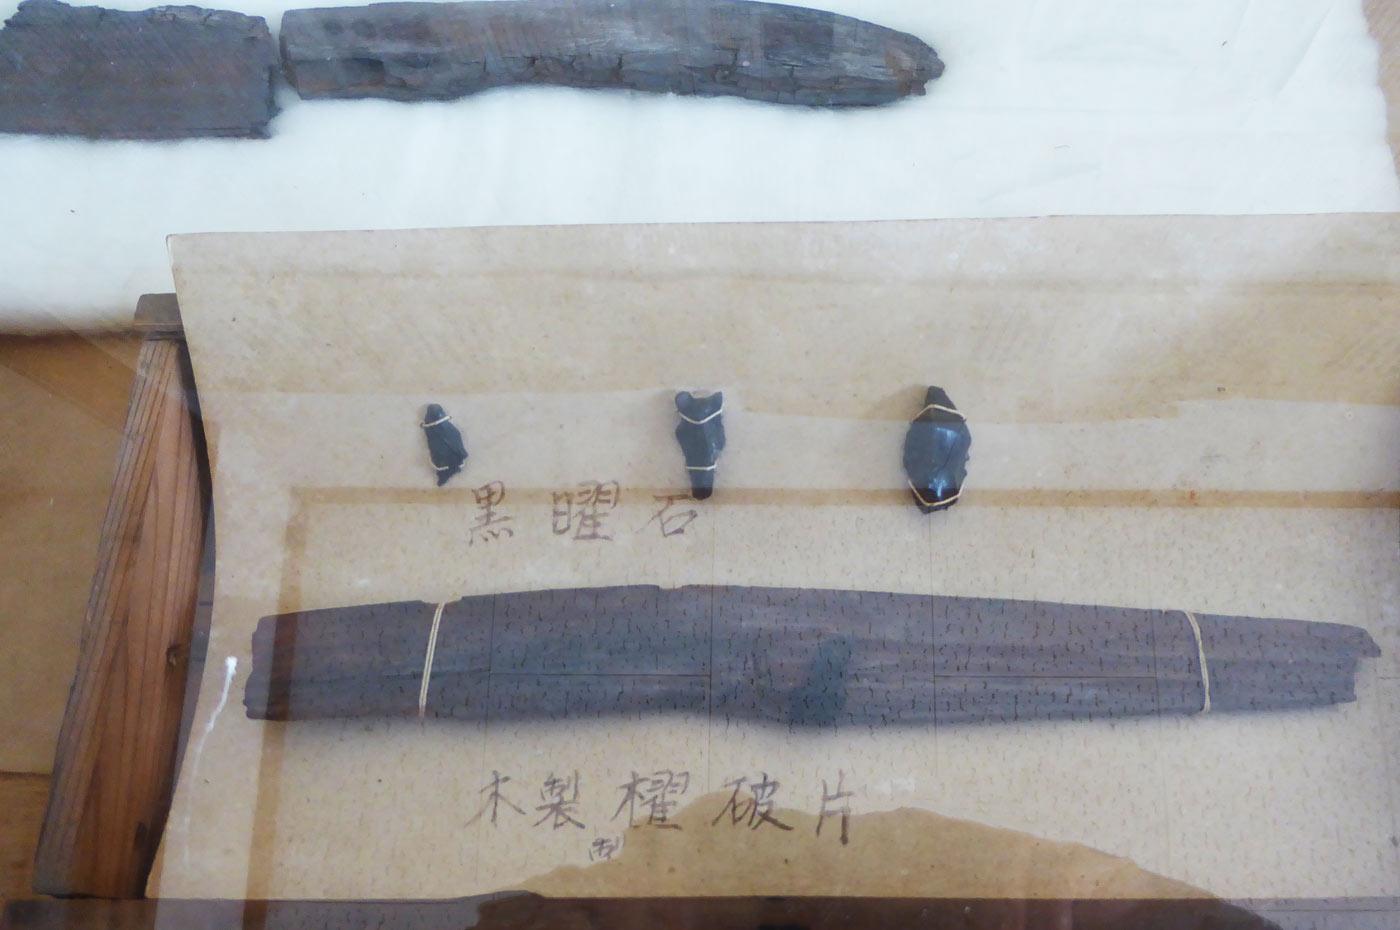 黒曜石と木製櫂の破片